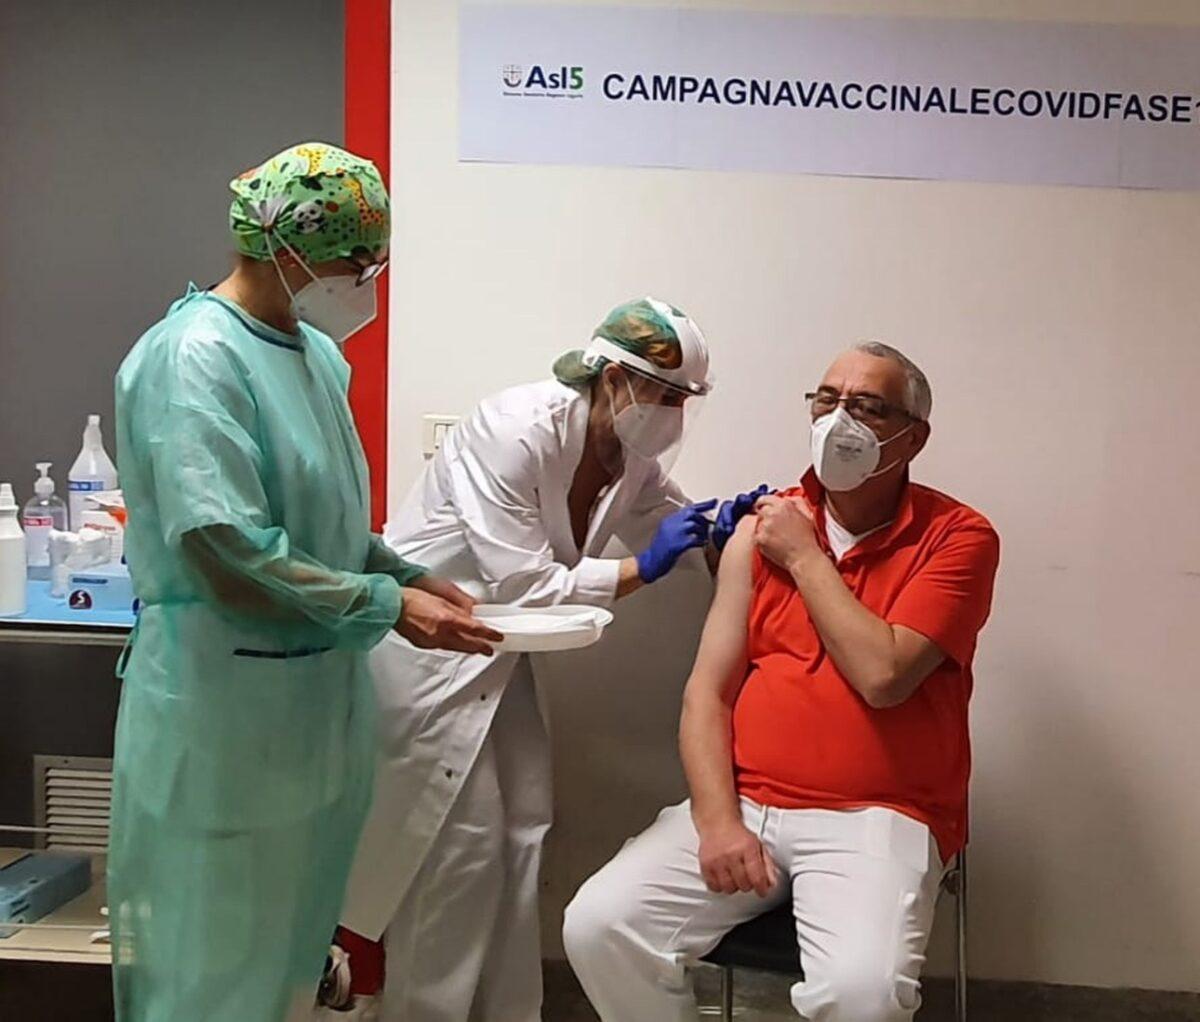 ASL5 San Bartolomeo primo vaccinato Raffaele Staffiere responsabile PS